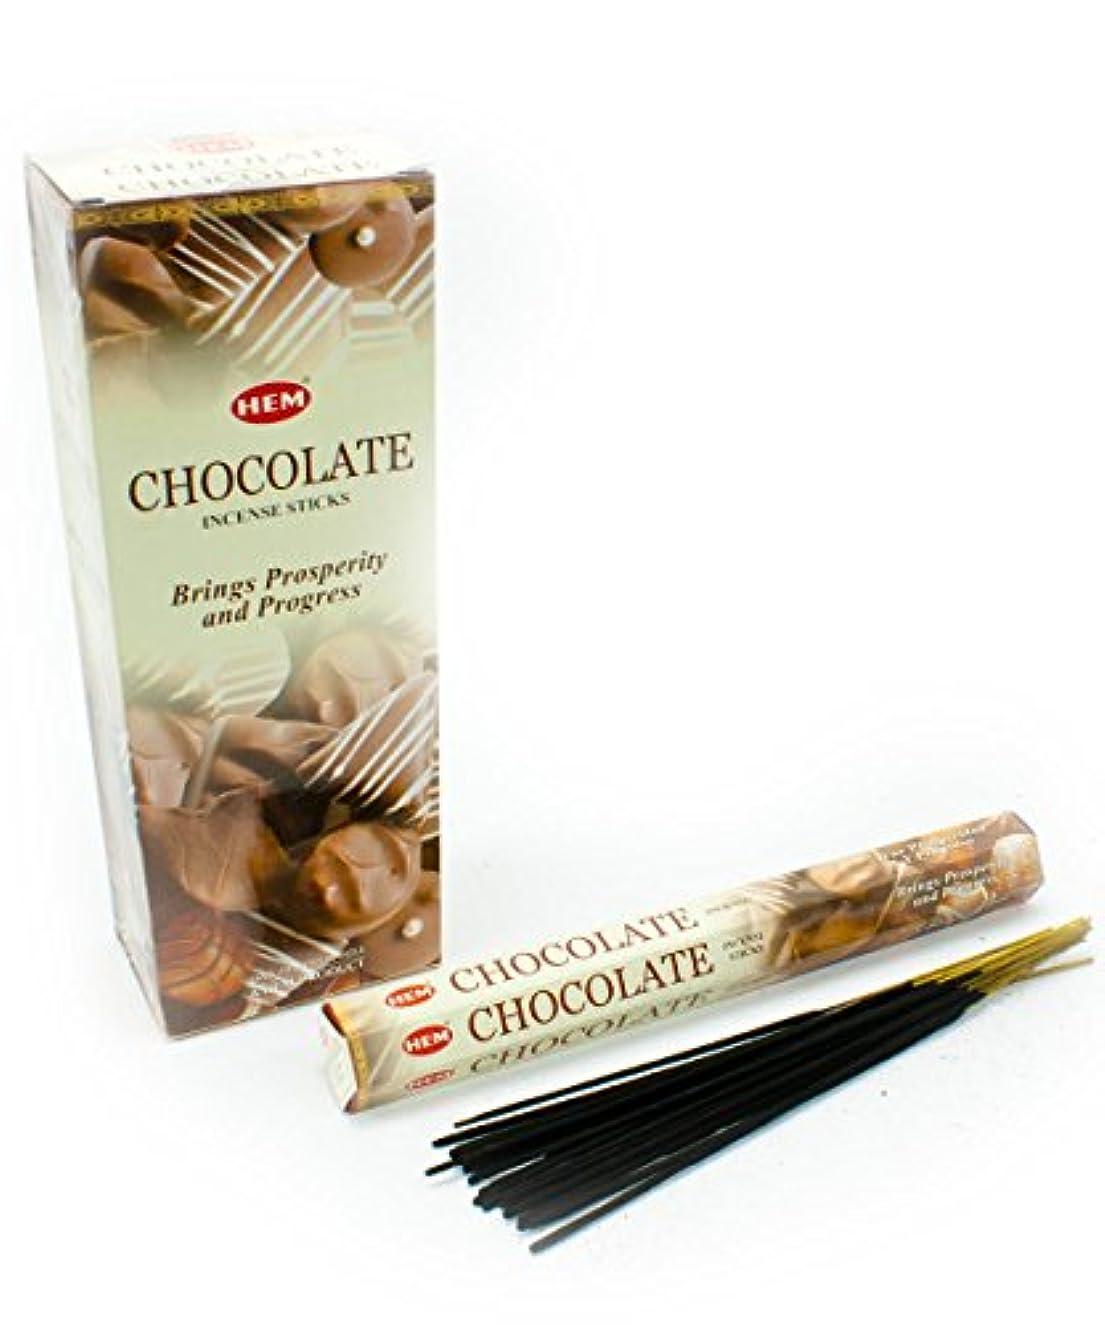 姿を消す郵便アーネストシャクルトンHEM(ヘム)社 チョコレート香 スティック CHOCOLATE 6箱セット